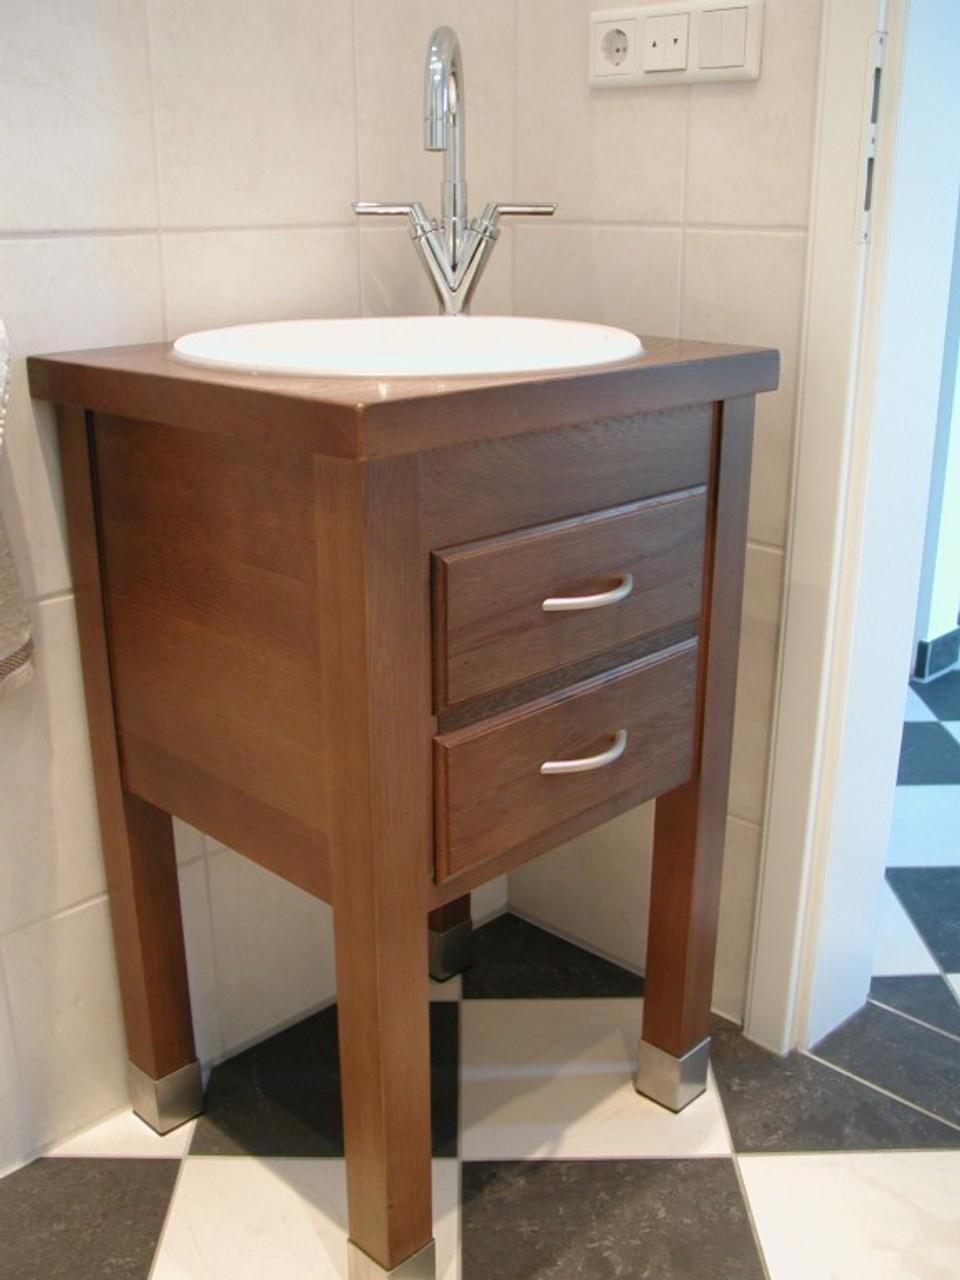 Badmöbel - Waschtisch mit eingelassenem Waschbecken